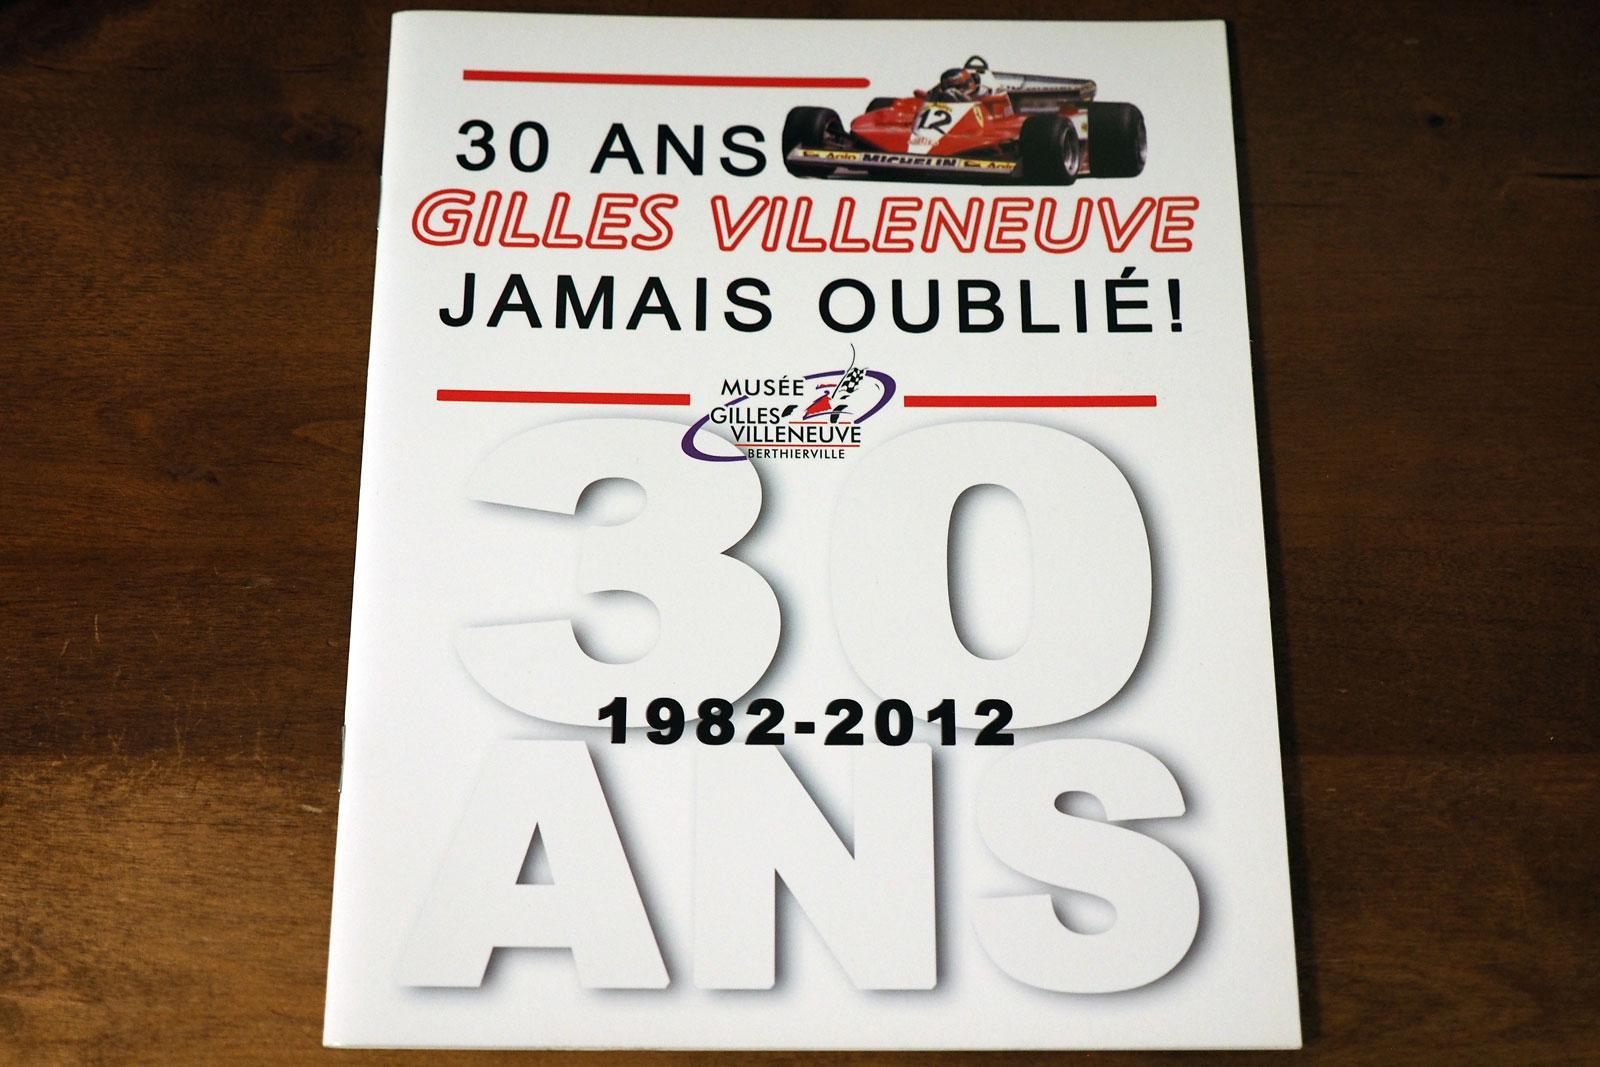 ジル・ビルヌーブ博物館『没後30年ブックレット』